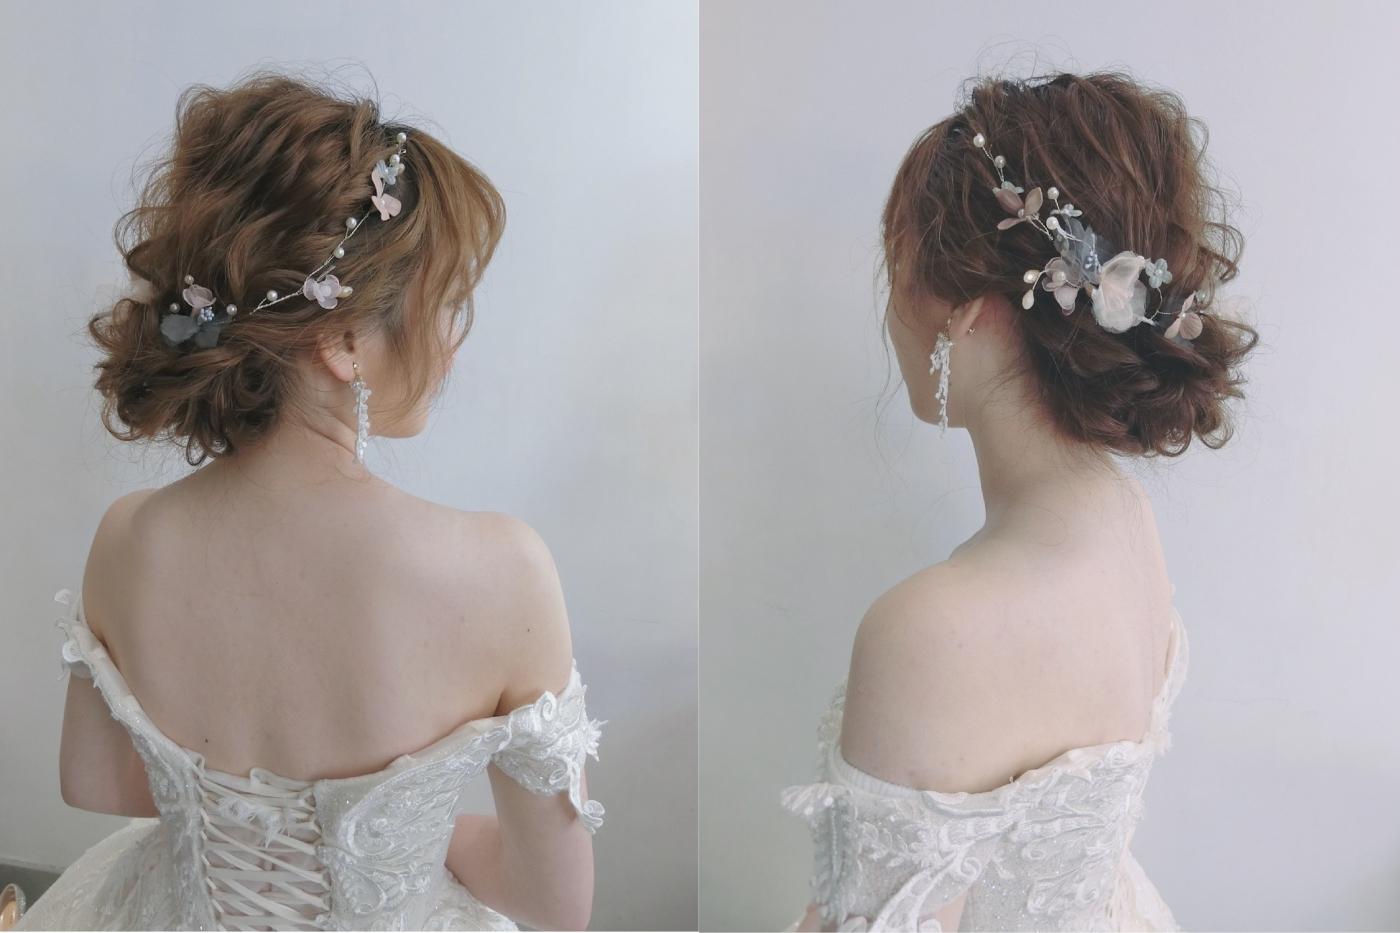 台北新娘秘書|新娘秘書推薦|台北新秘雨晴|新娘結婚髮型|白紗造型|低盤髮造型|編髮|輕柔感新娘|氣質妝感|無害眼妝|清透清新妝容|